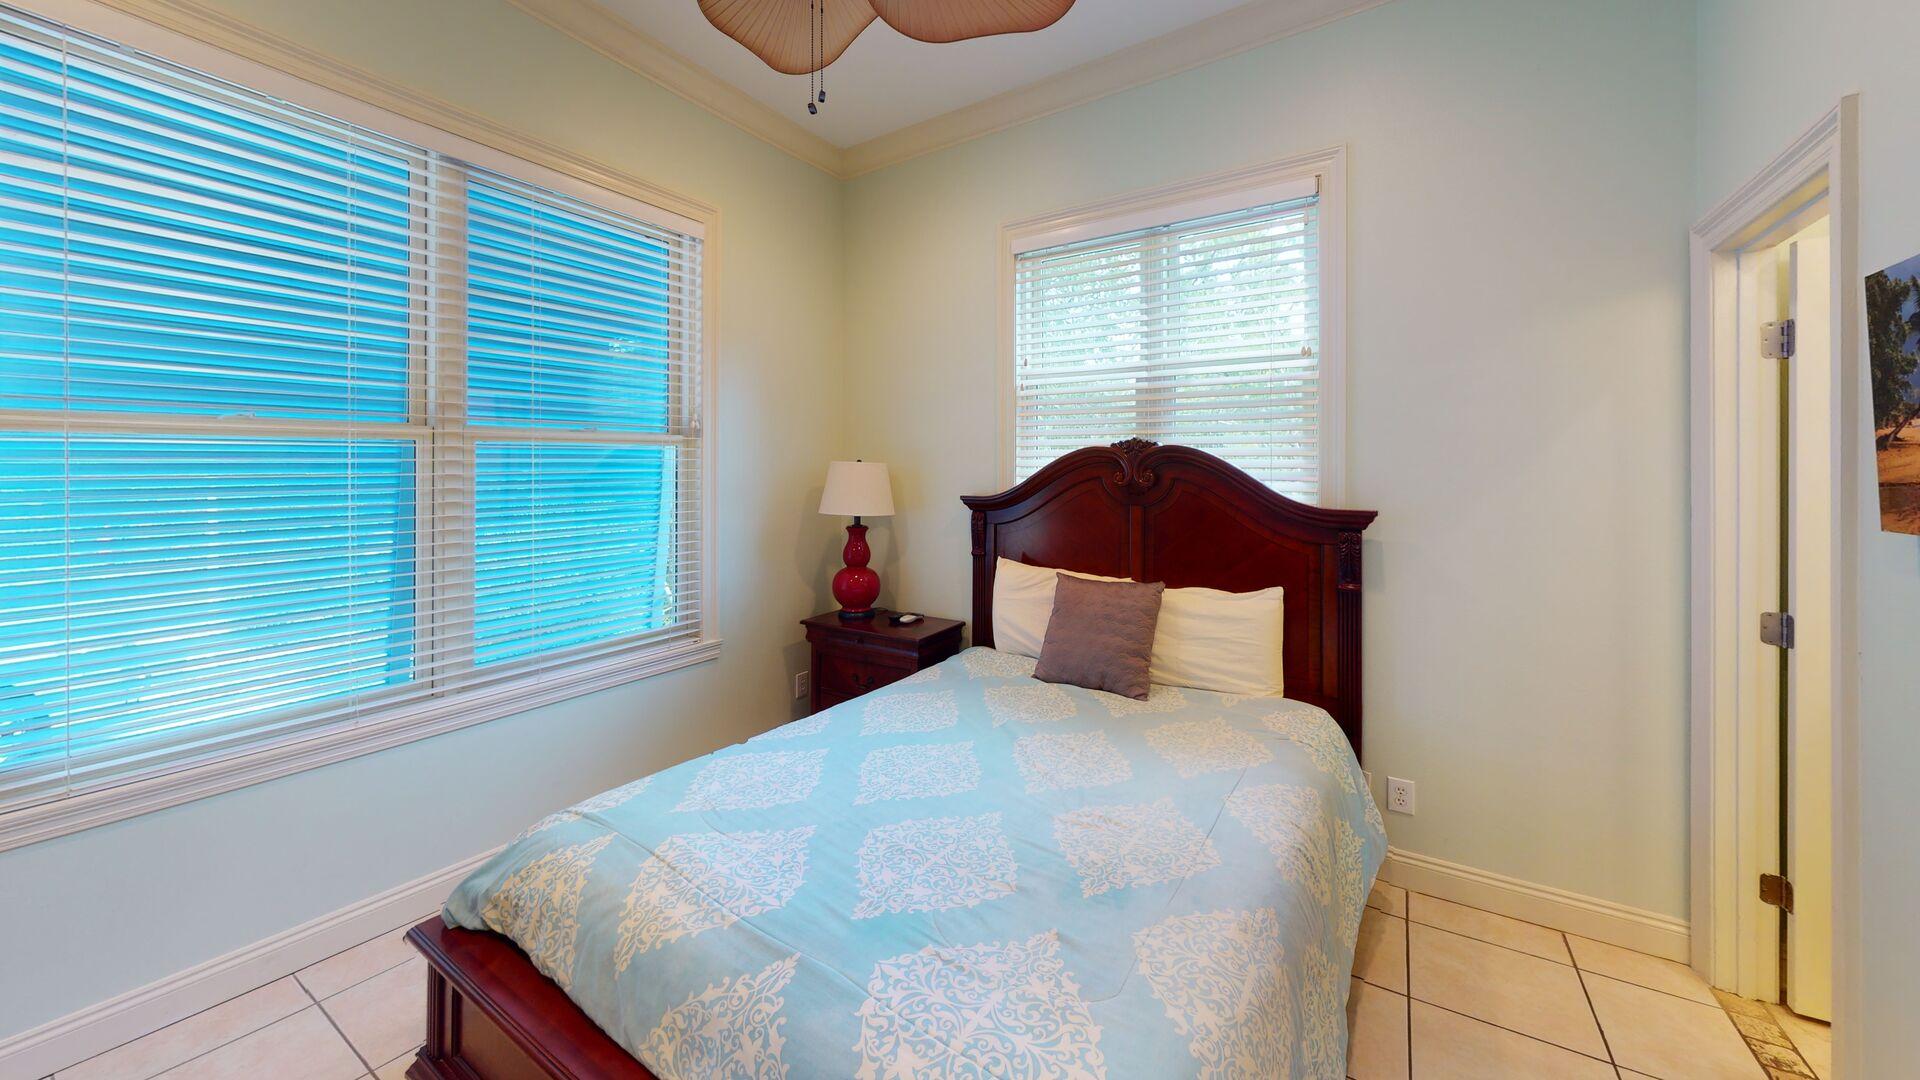 Ground floor bedroom 3 has a queen bed